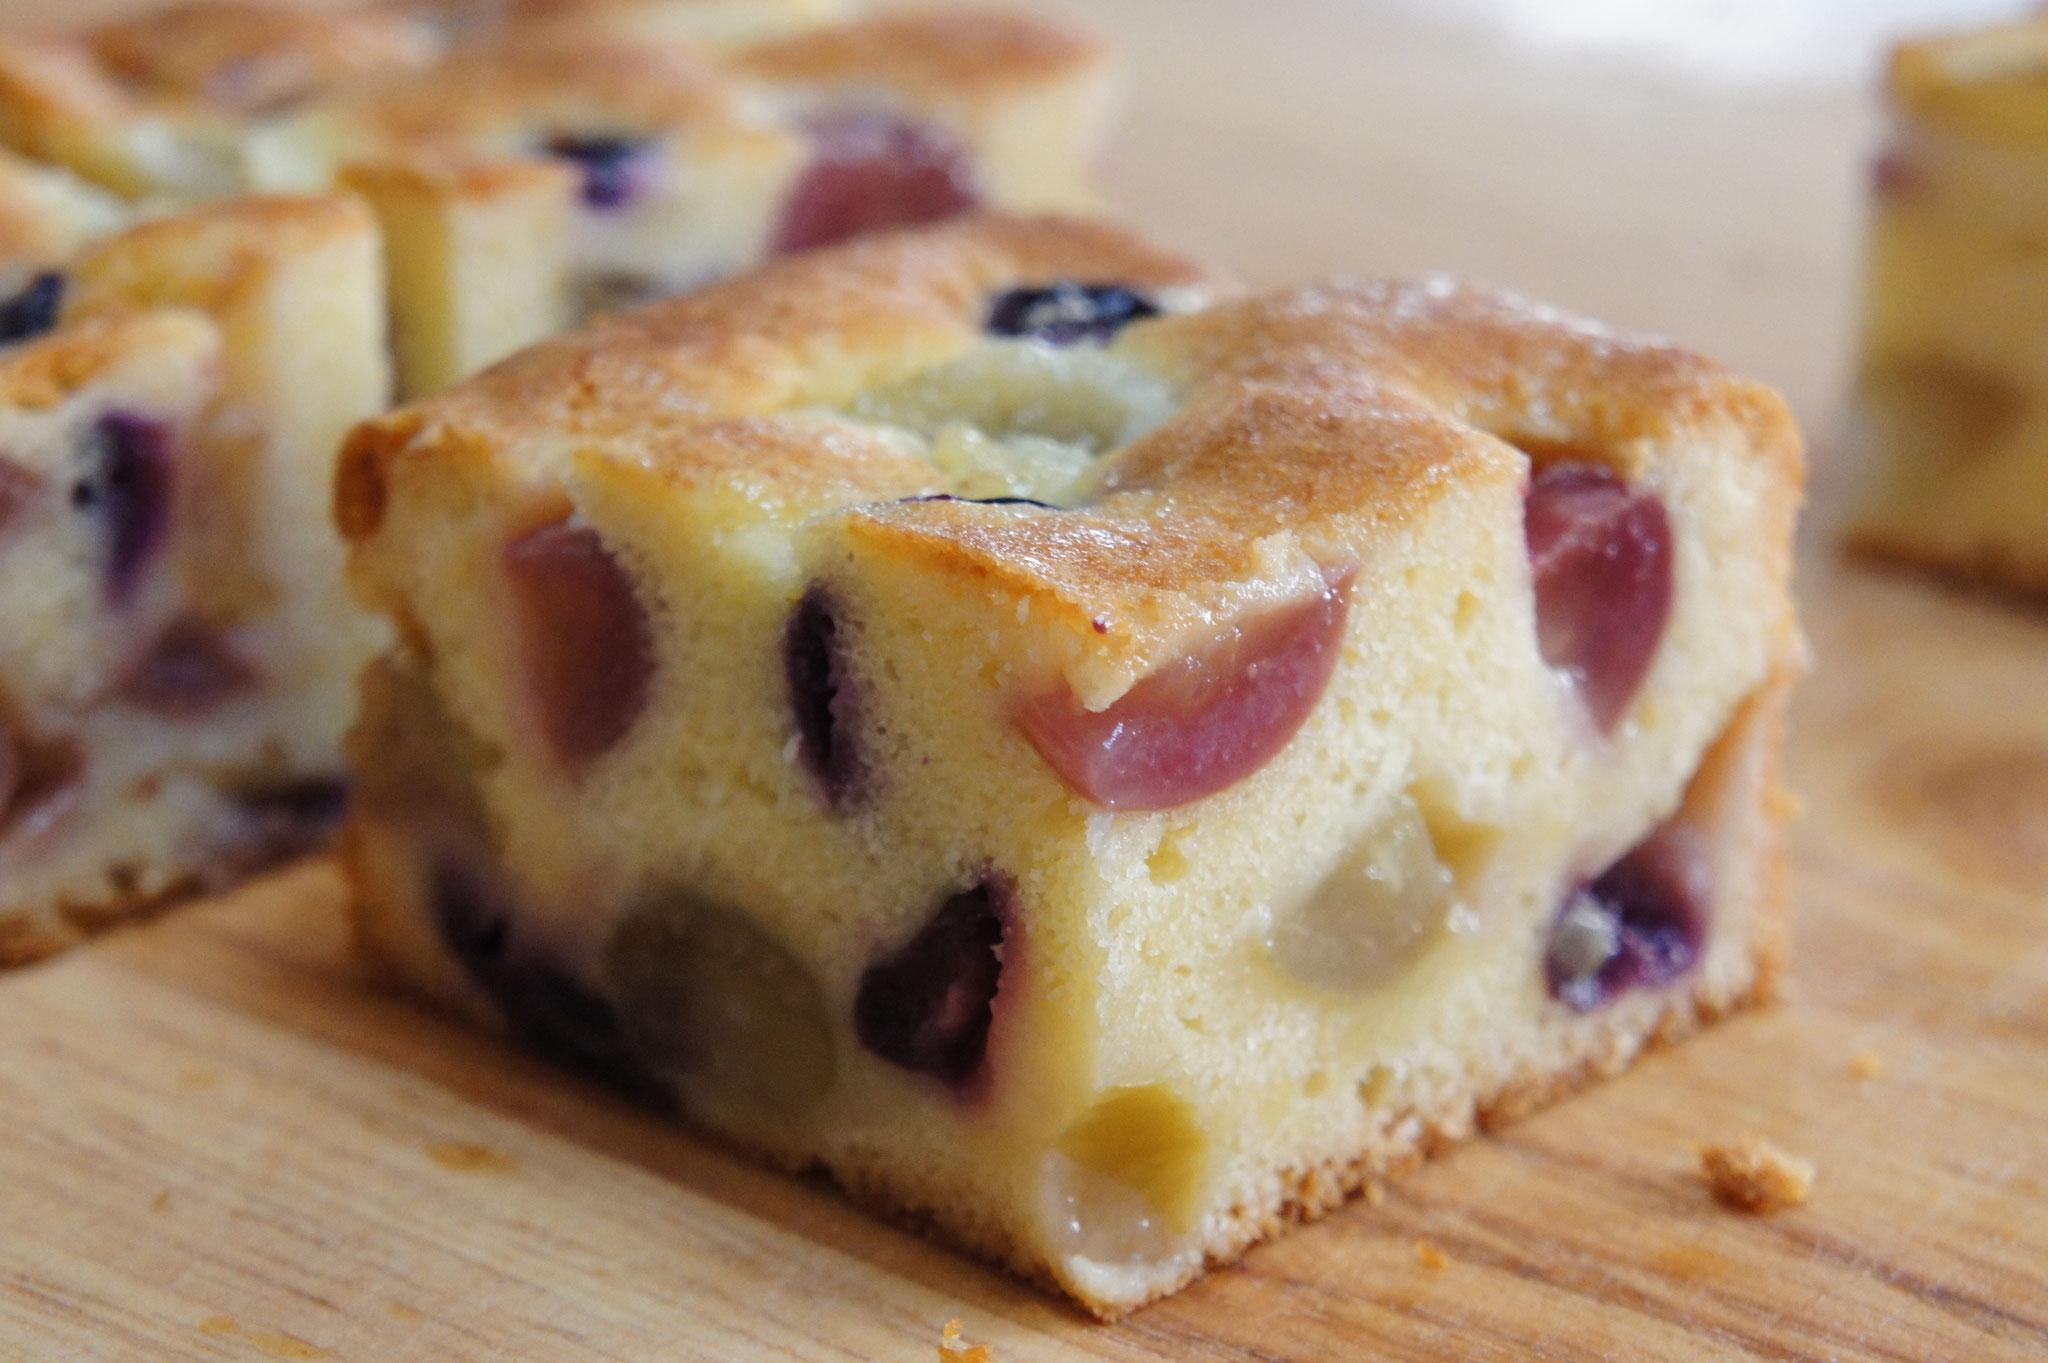 一種または数種の葡萄をたっぷりと入れて焼き上げたフルーティでジューシーなバターケーキ